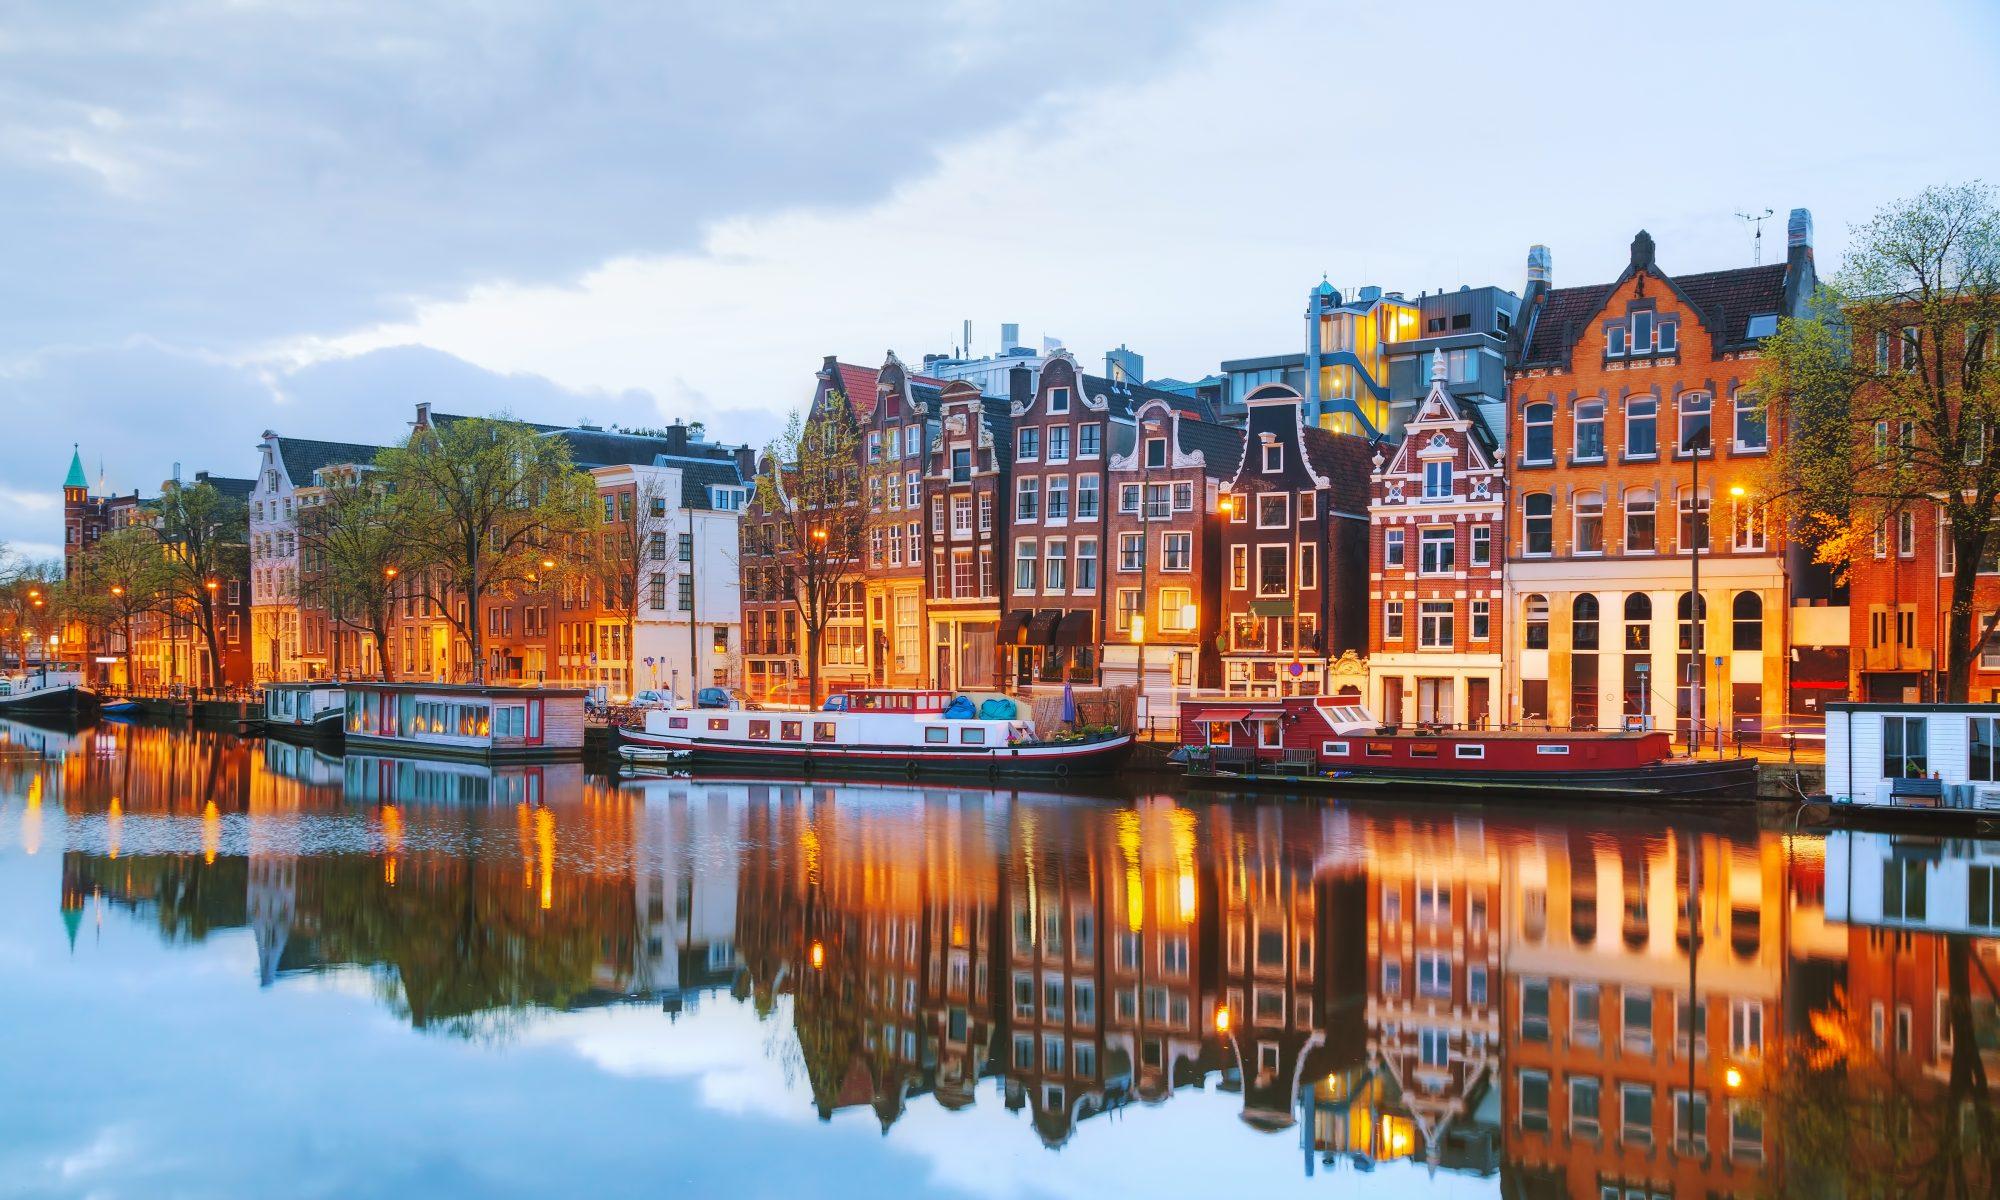 27 - 29 September 2017 |Amsterdam